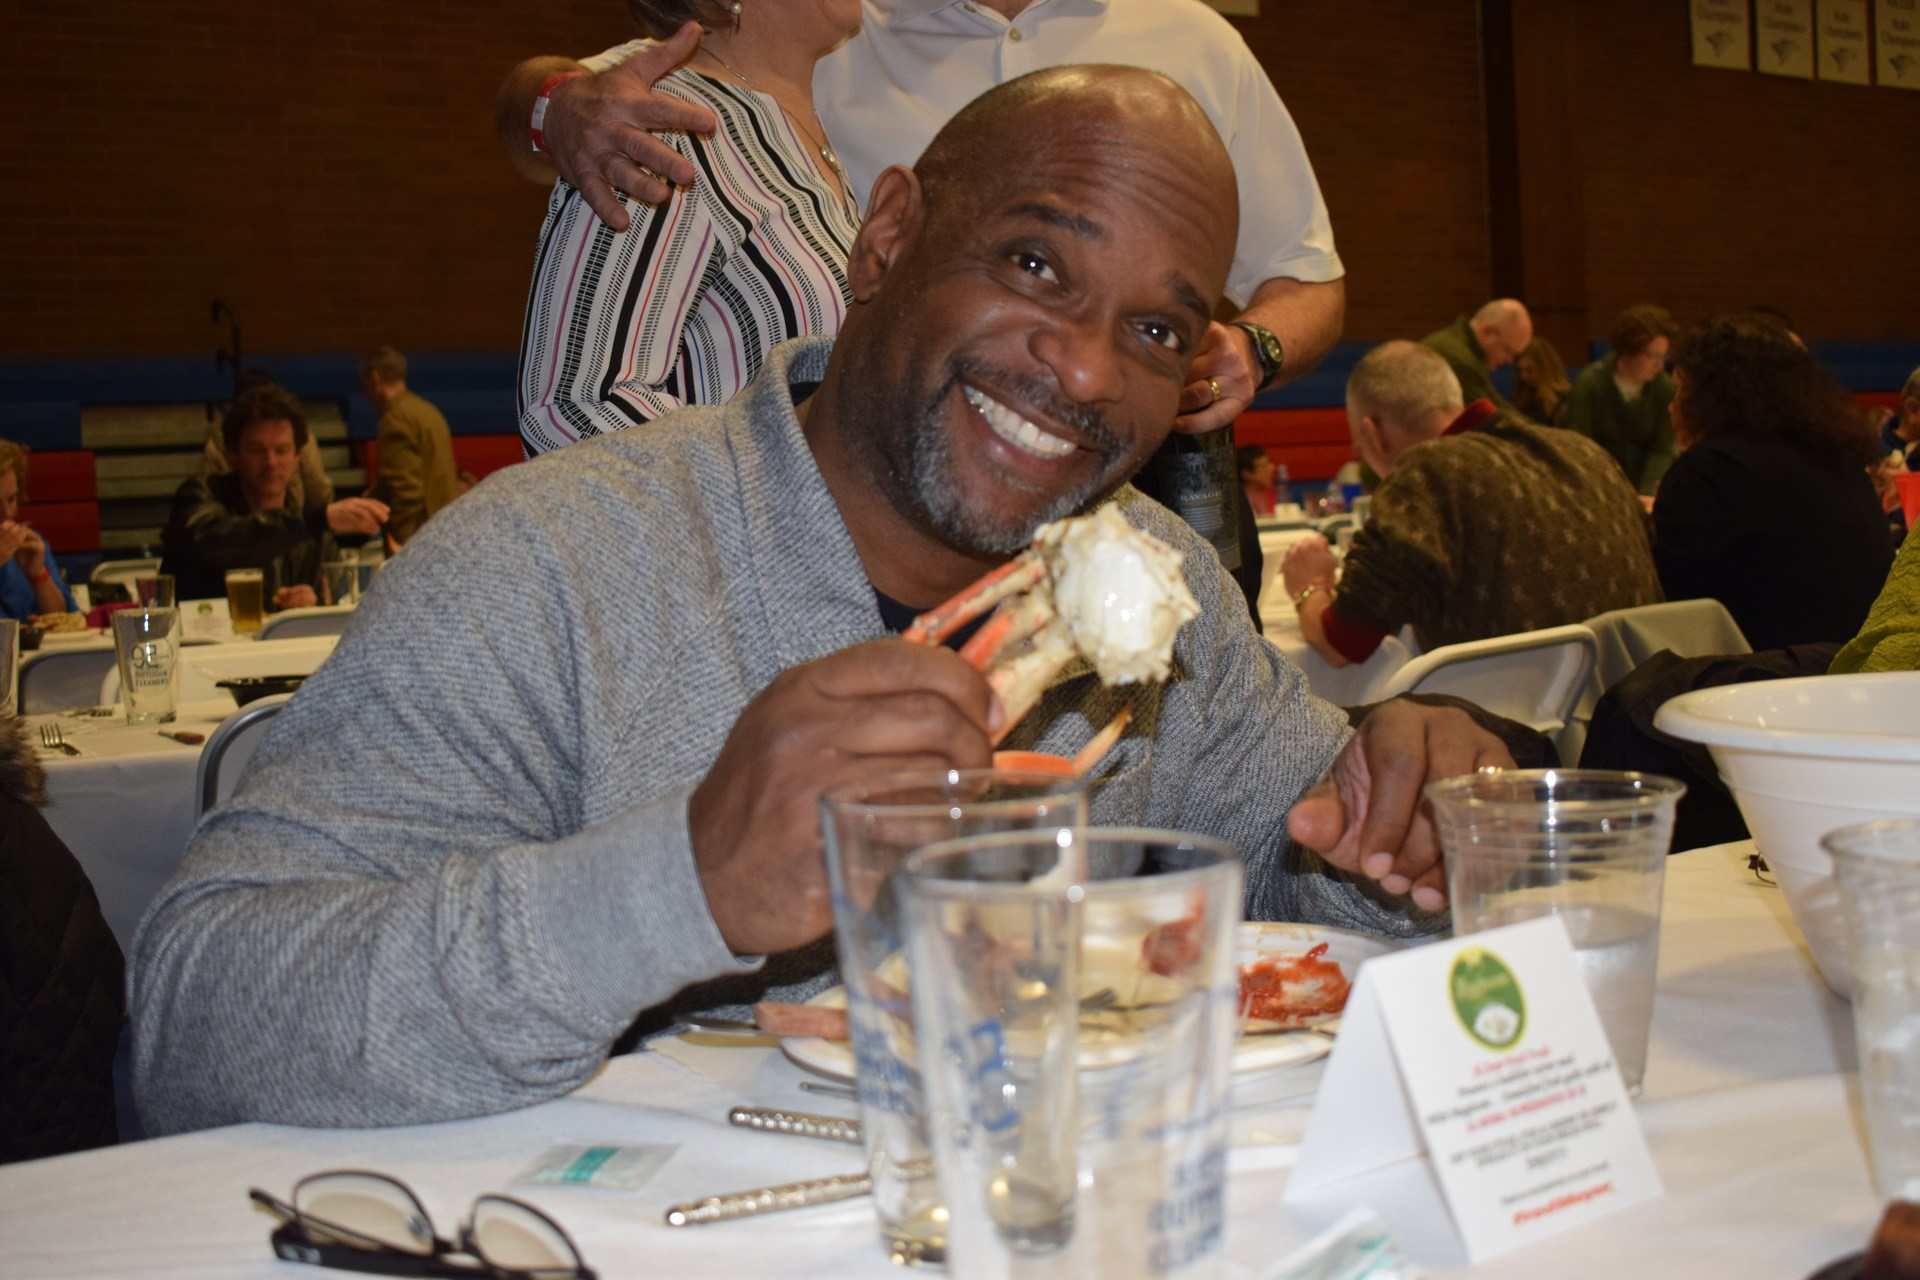 Man eating crab.